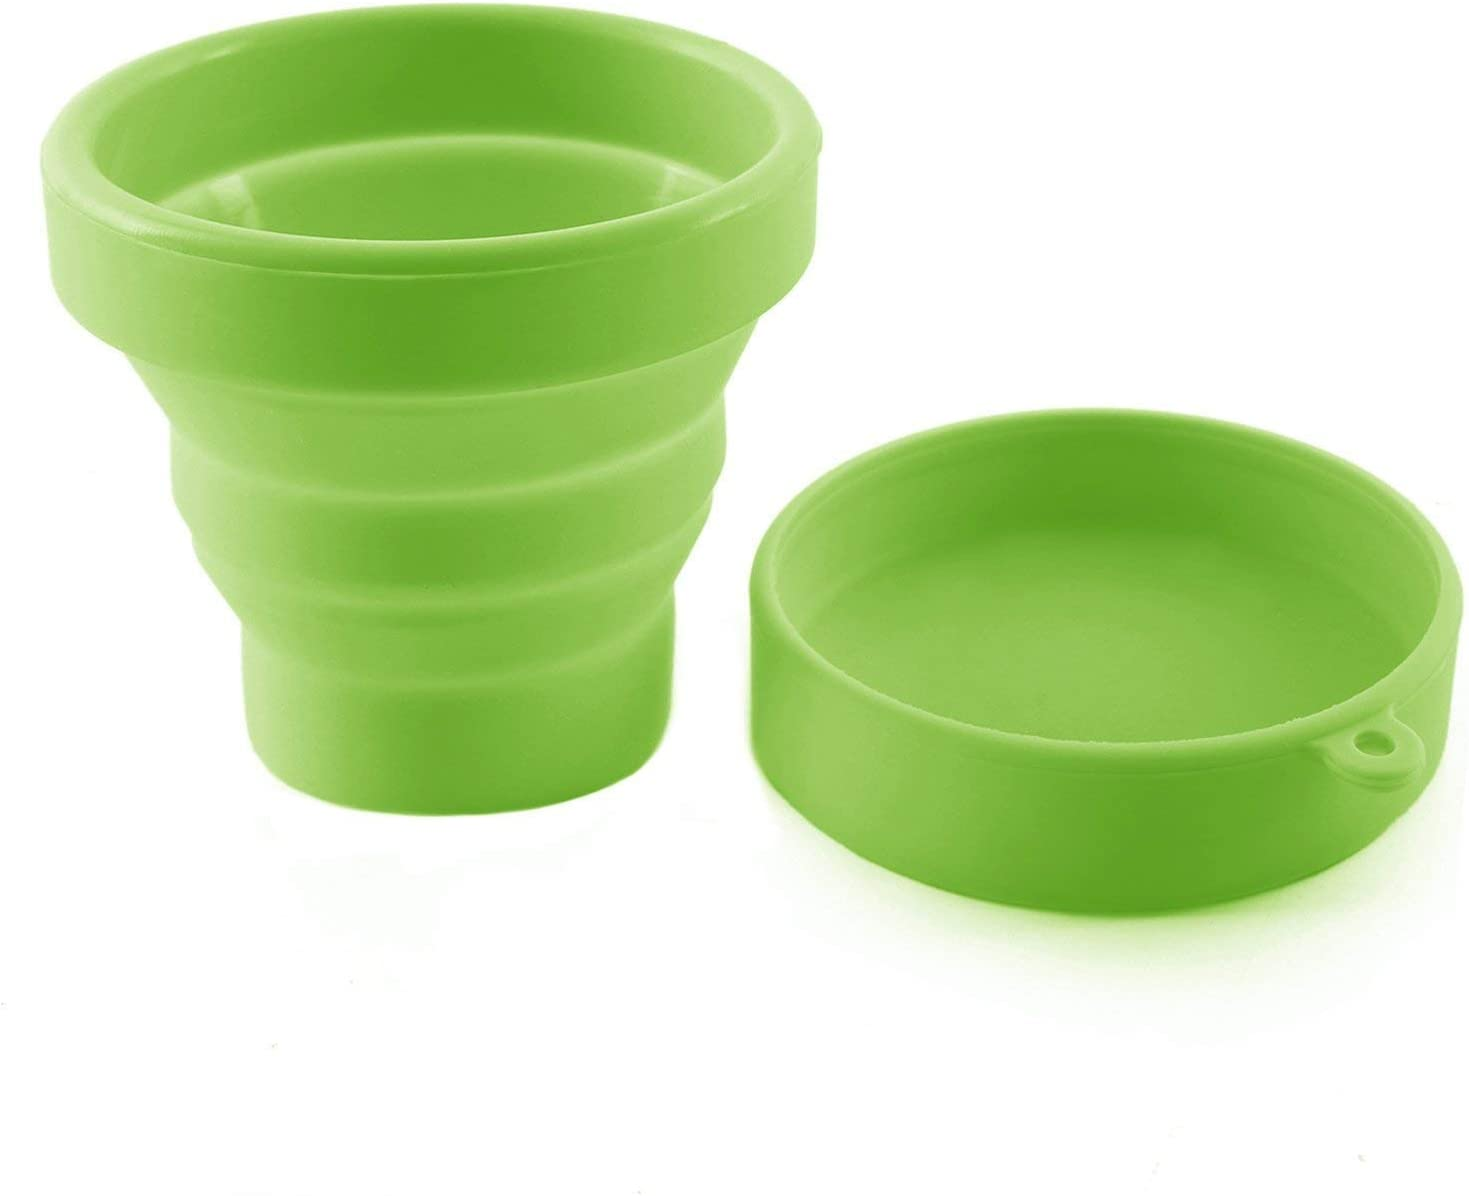 AvaLoona Esterilizador Plegable con Tapa para Copa Menstrual Fabricado en Silicona (Verde)